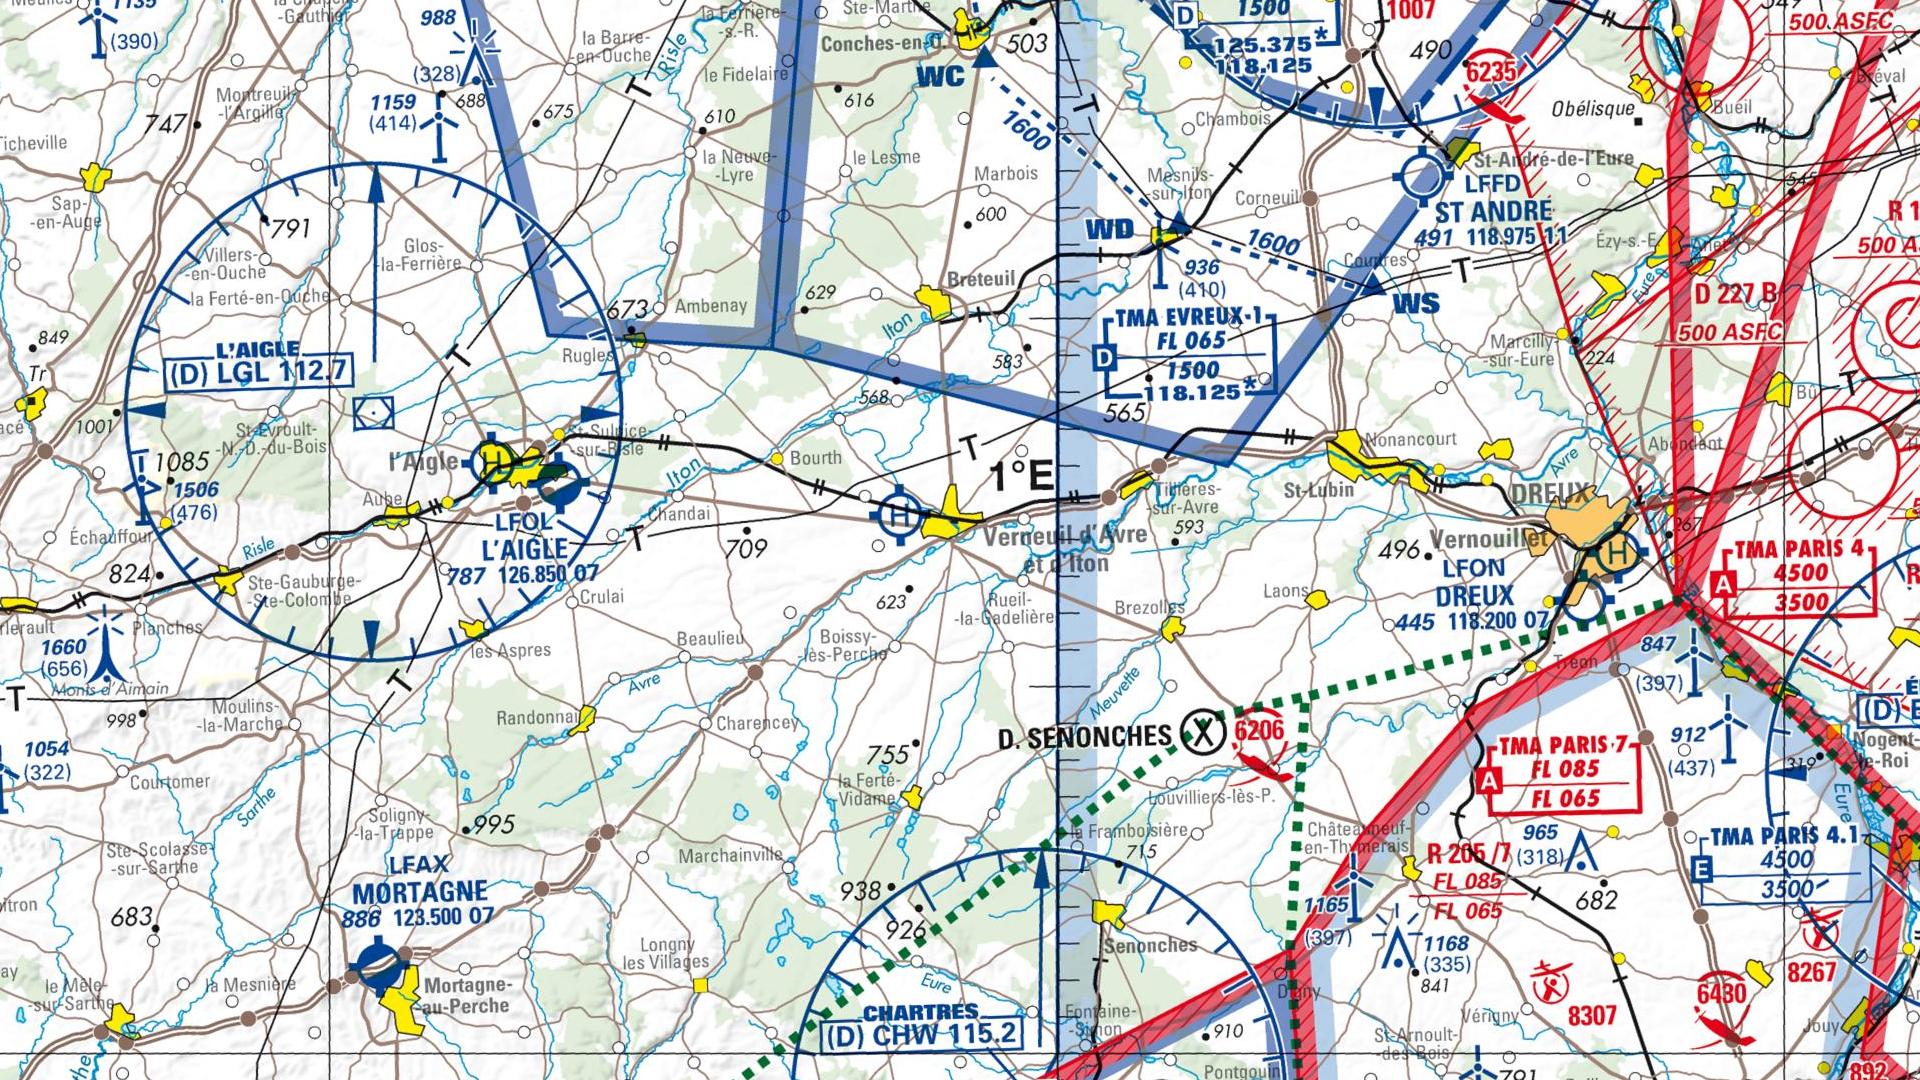 Réglementation drone à Verneuil sur avre